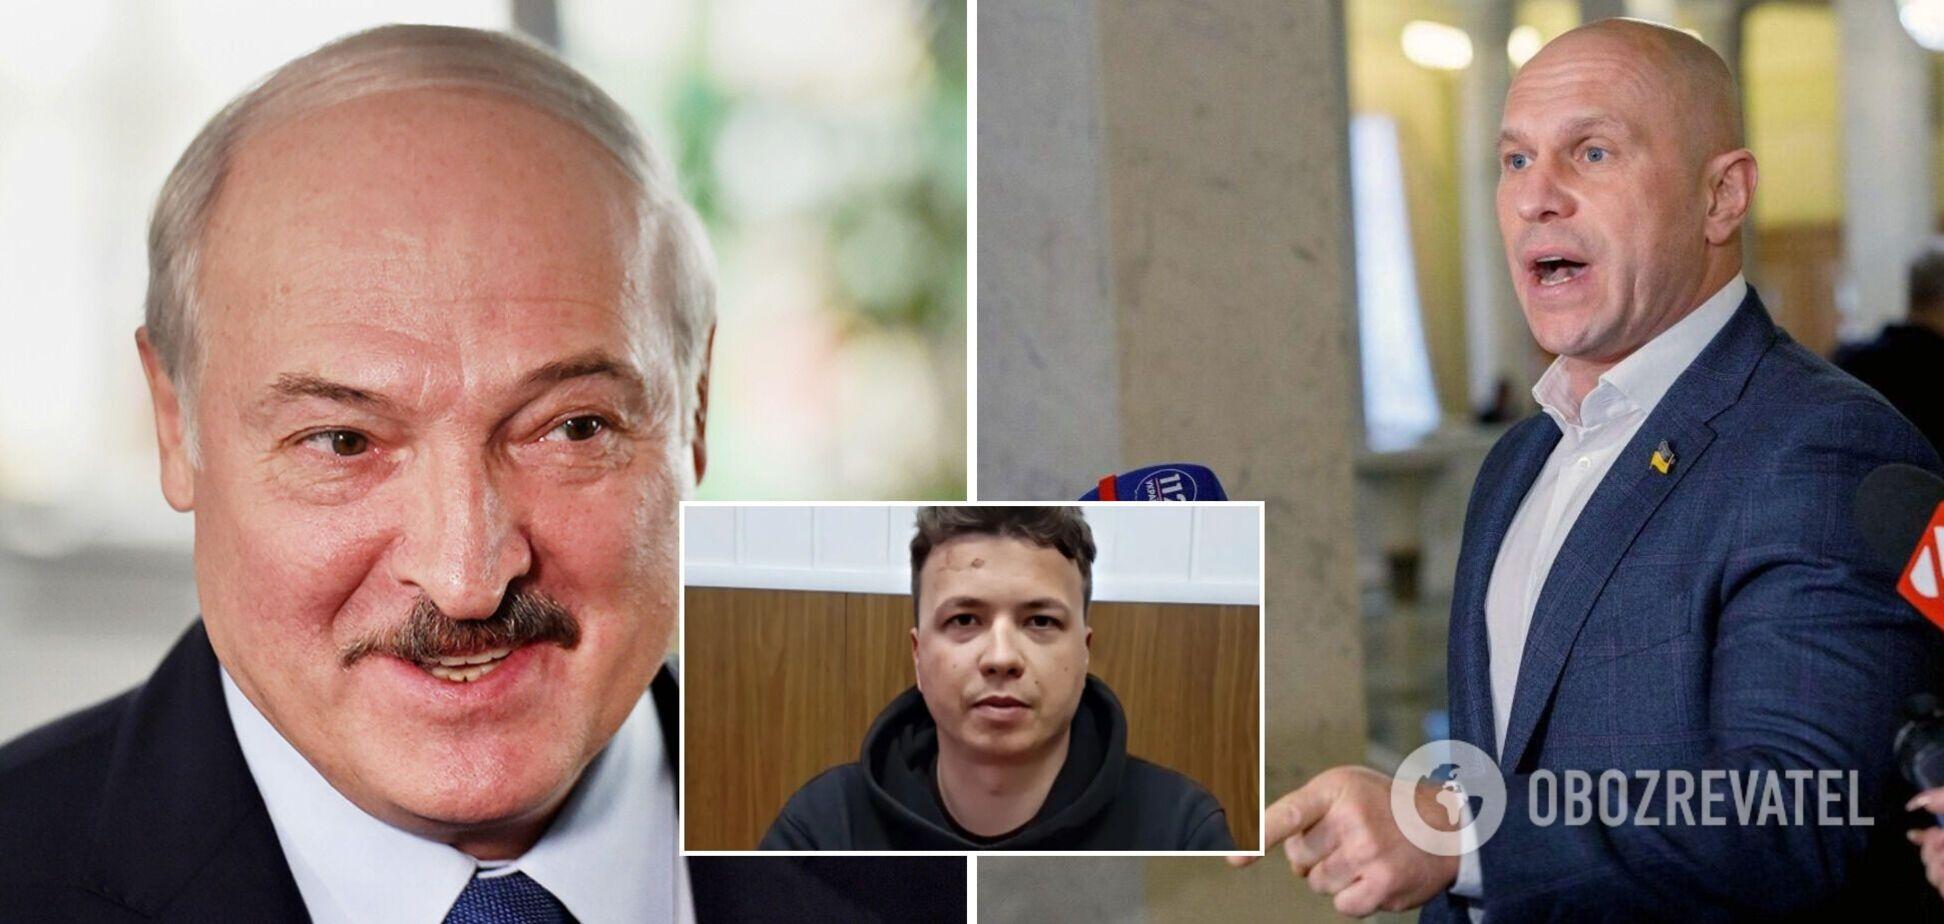 Кива відзначився новою заявою про незалежну Білорусь та 'зрадників'